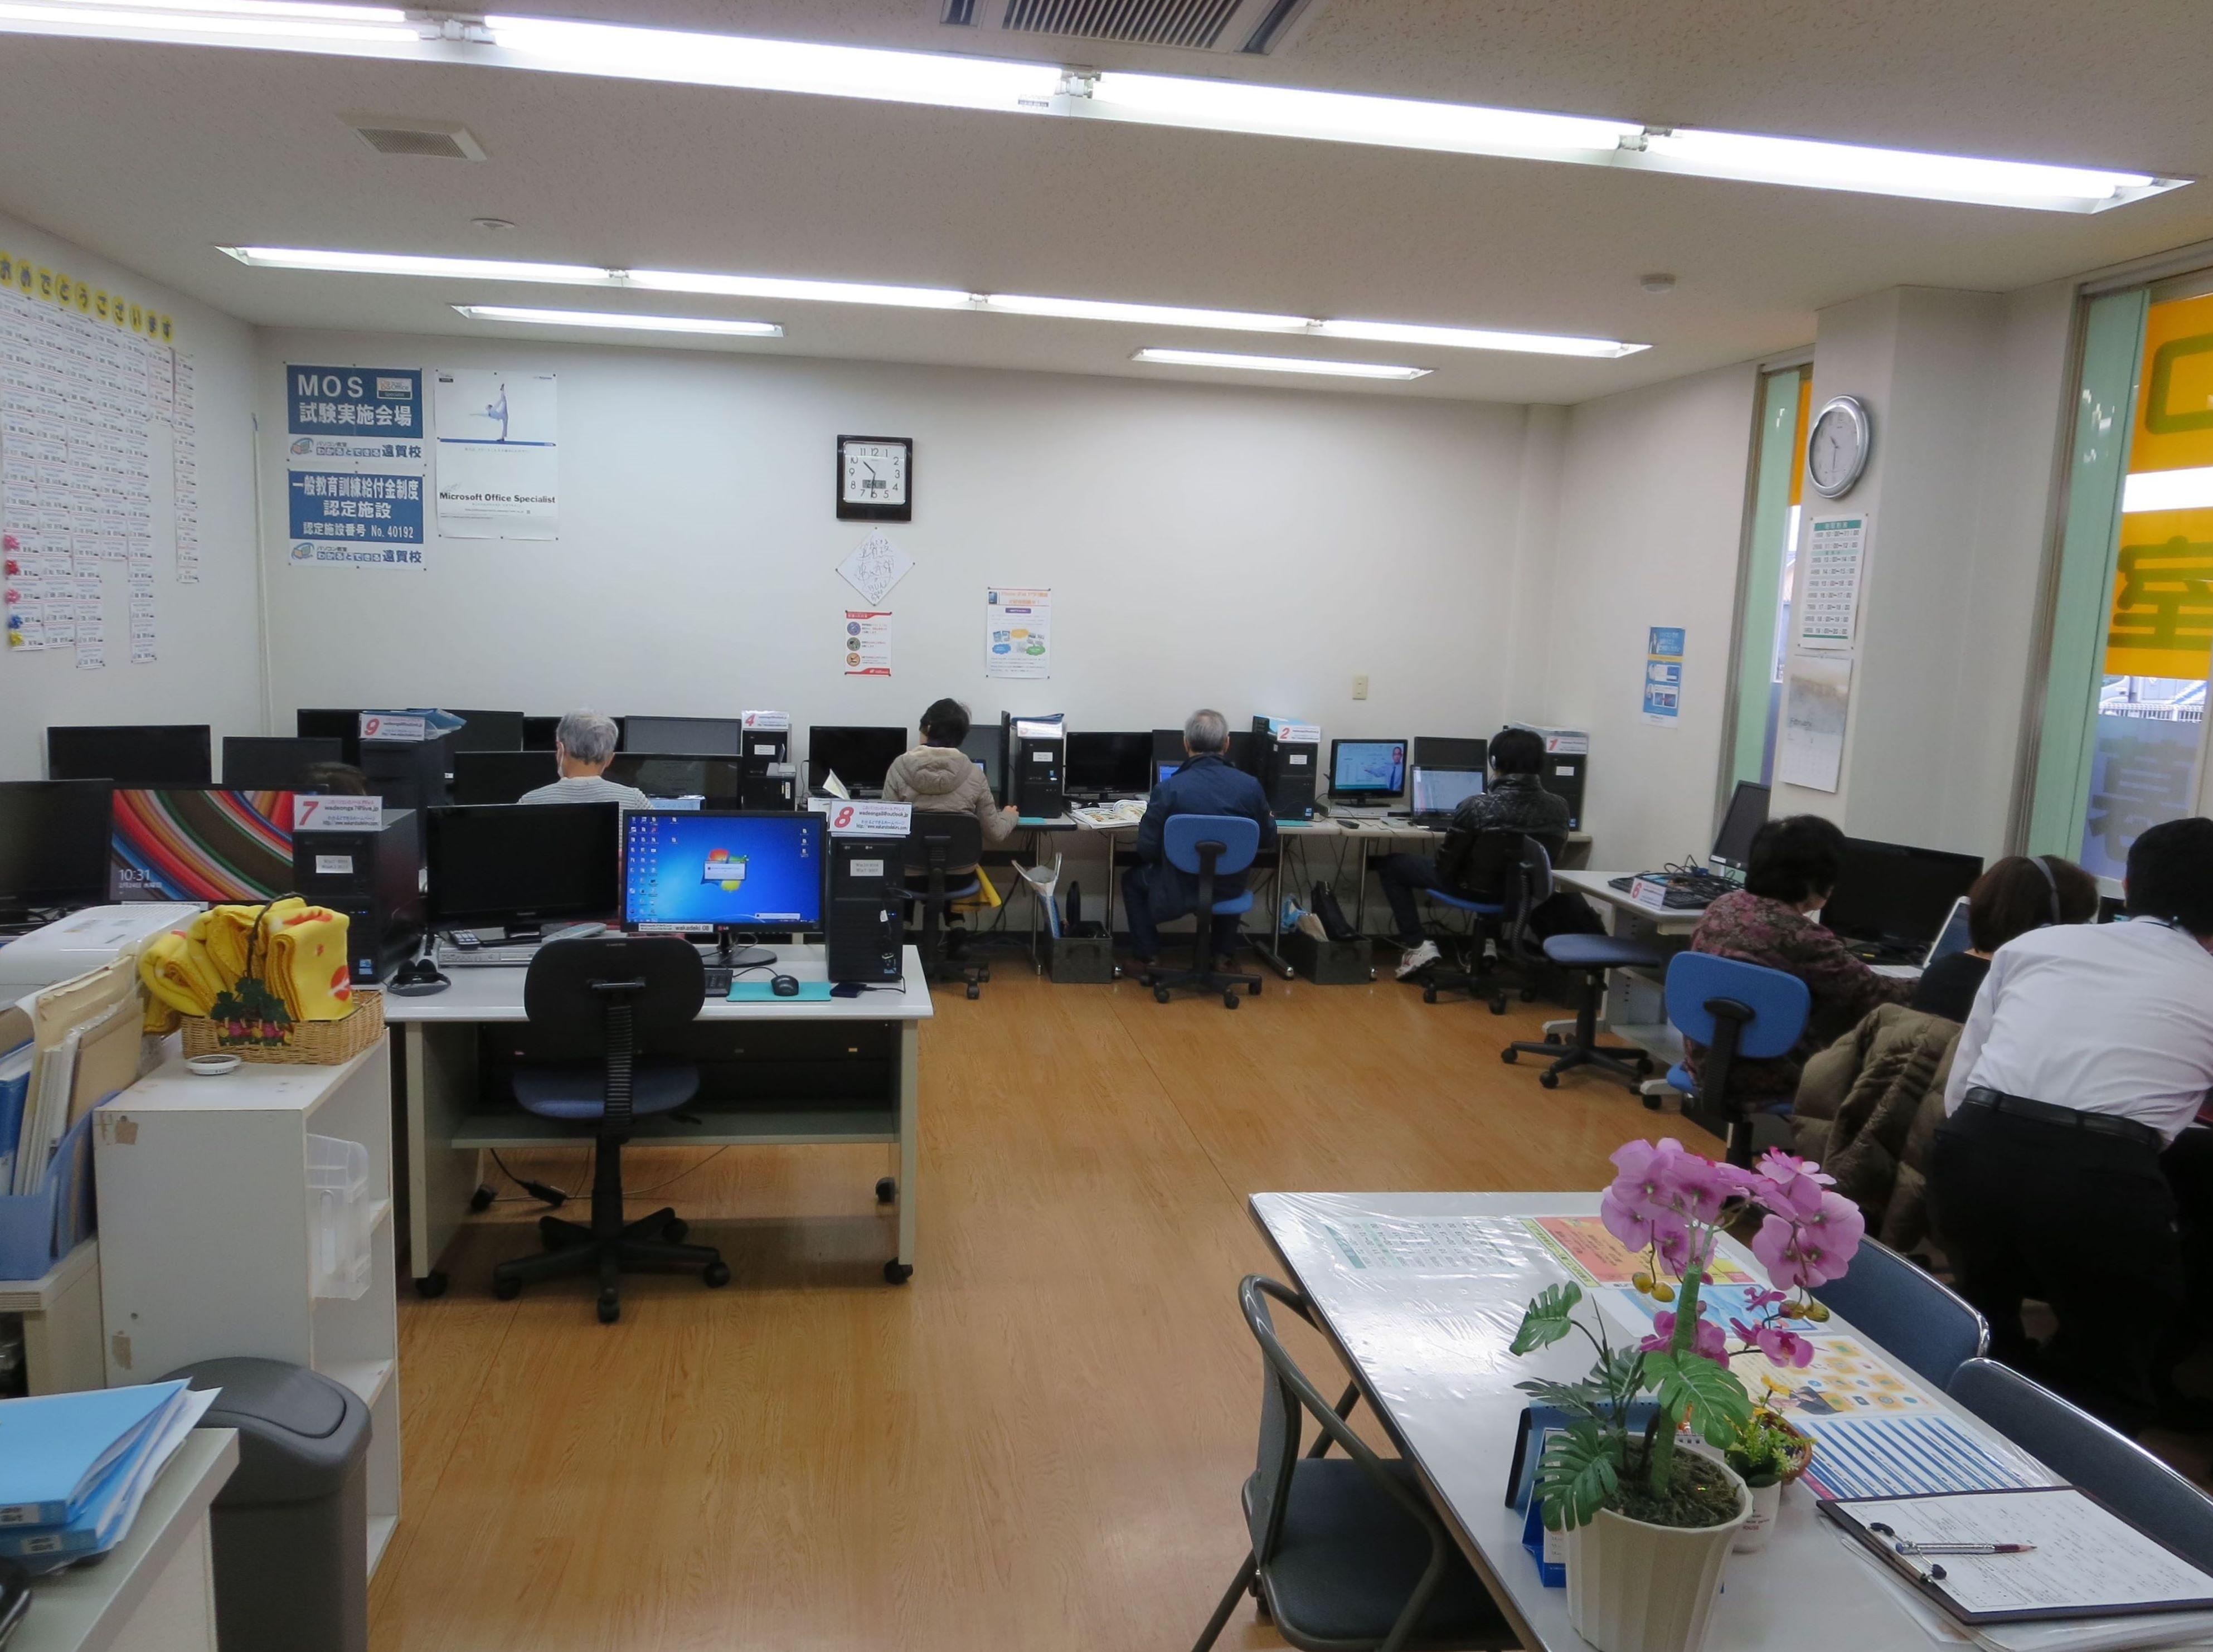 パソコン教室わかるとできる 鳥栖校 のアルバイト情報